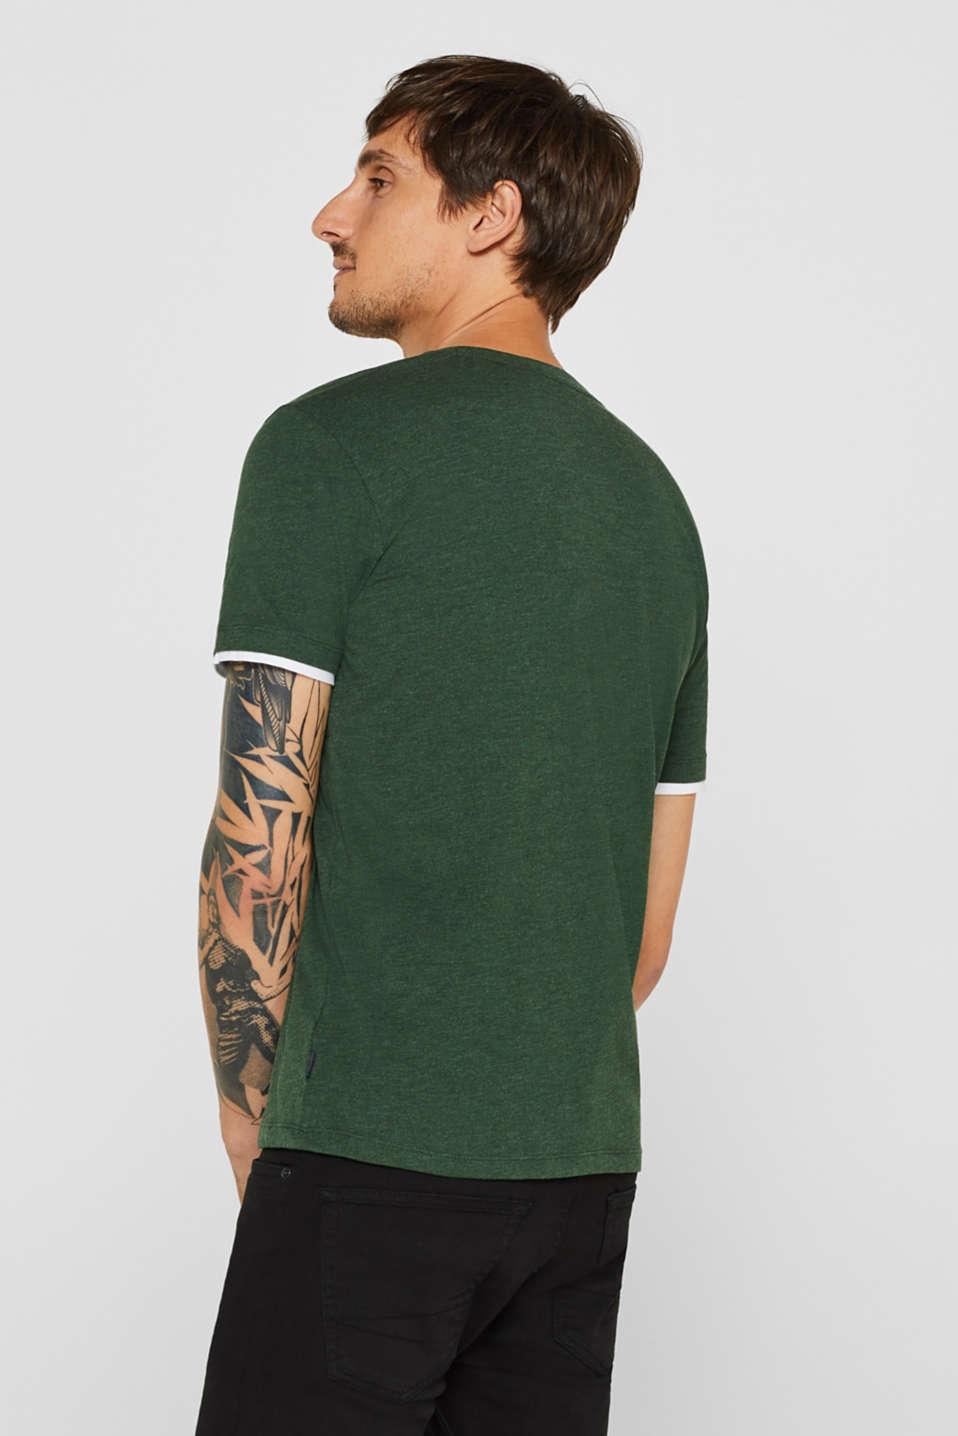 Layered jersey T-shirt, KHAKI GREEN, detail image number 3